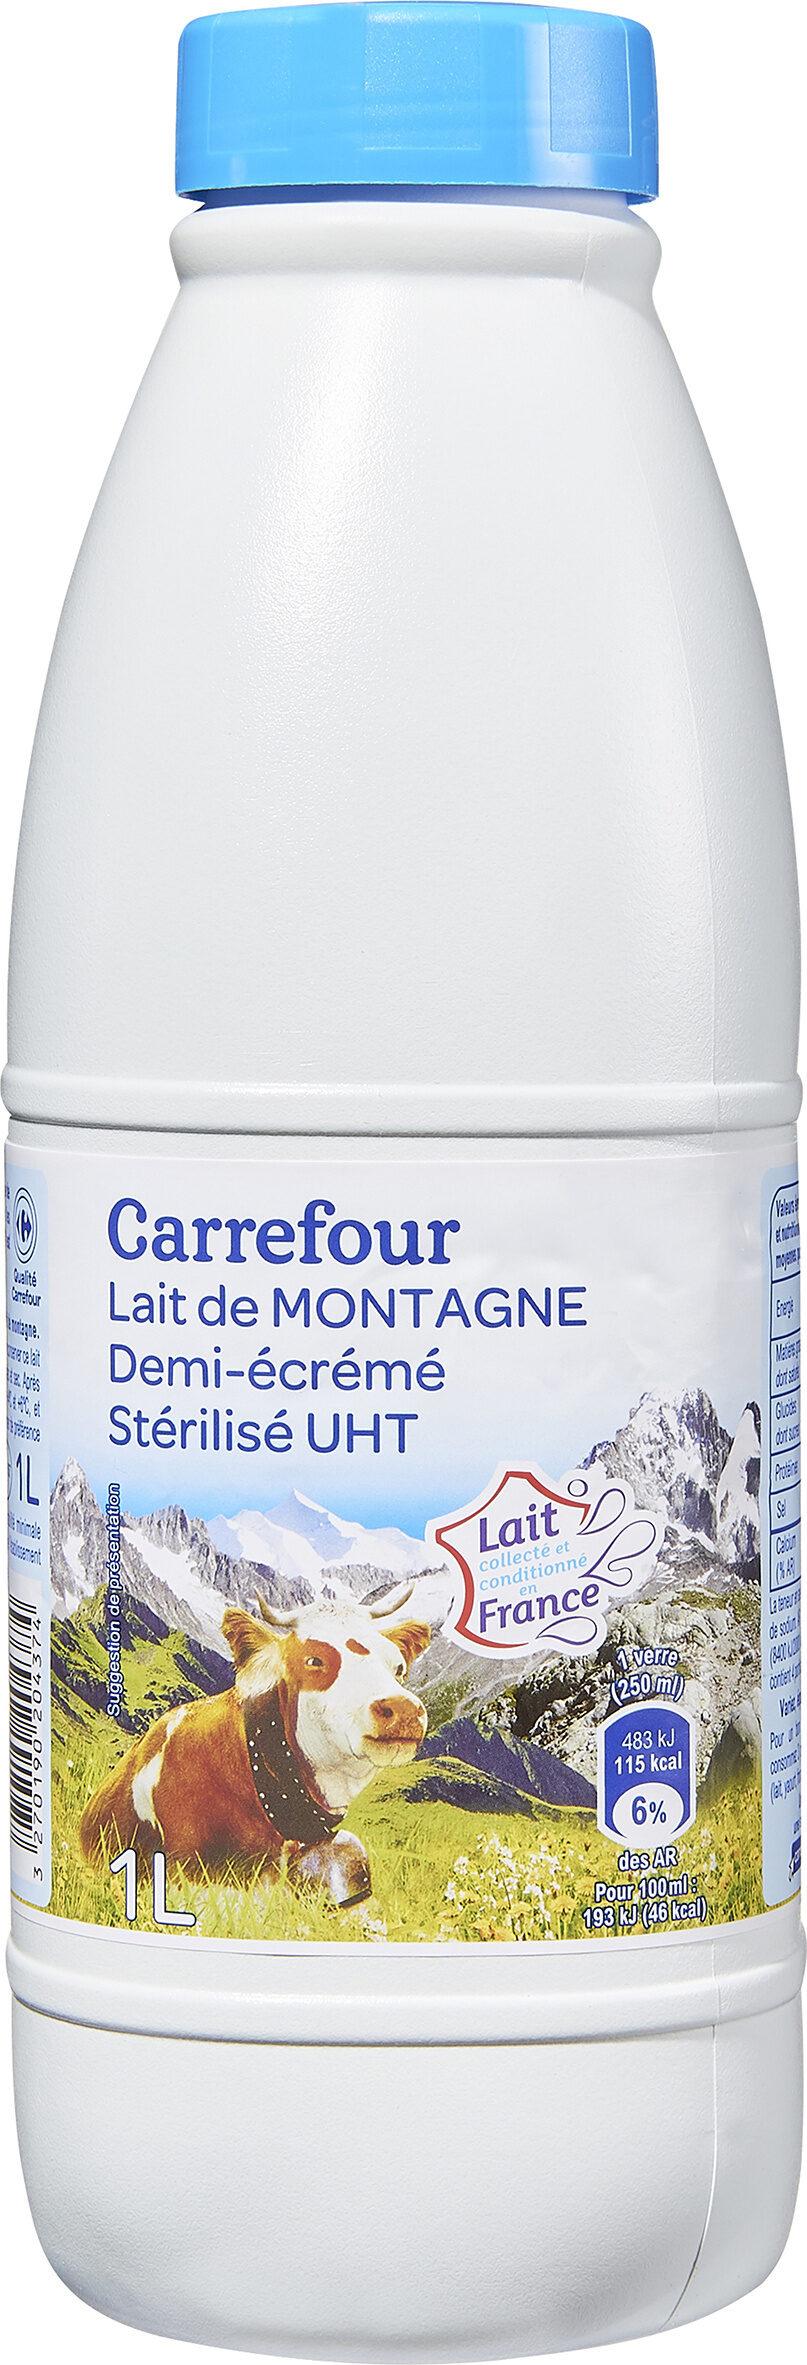 Lait de Montagne demi-écrémé stérilisé UHT - Product - fr